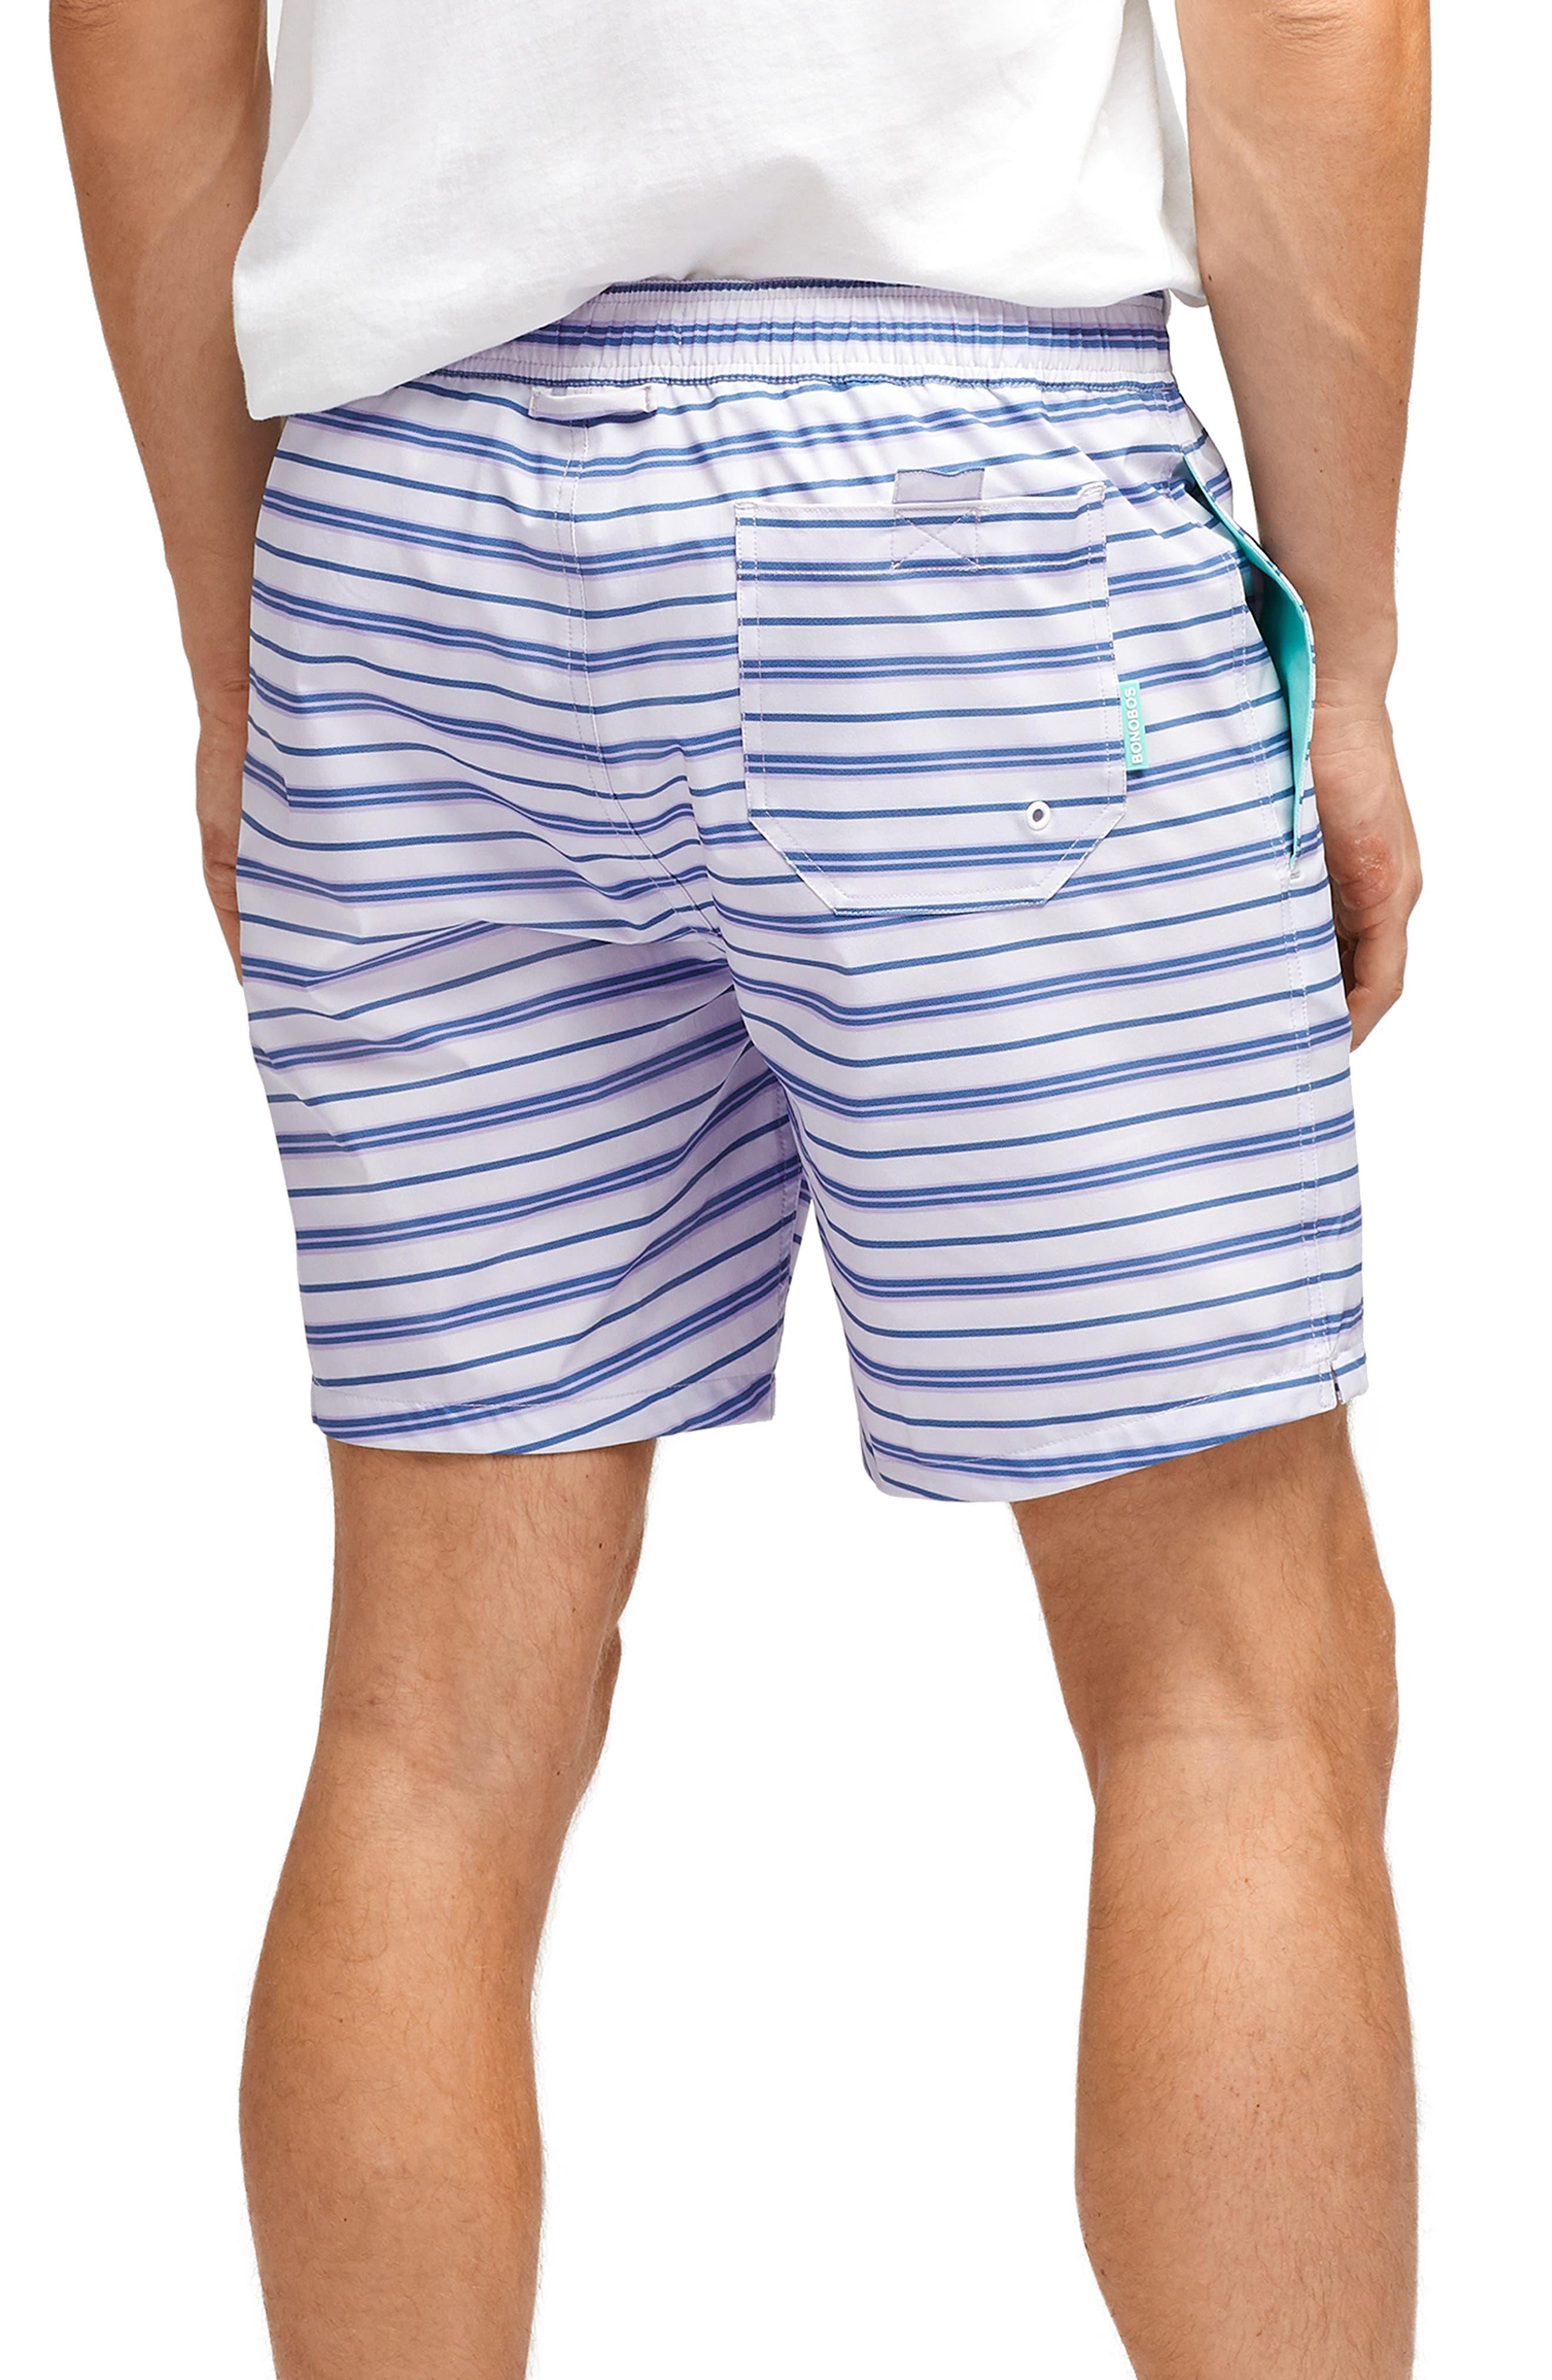 BONOBOS, Banzai 7-Inch Stripe E-Waist Swim Trunks, Alternate thumbnail 2, color, PURPLE STRIPE